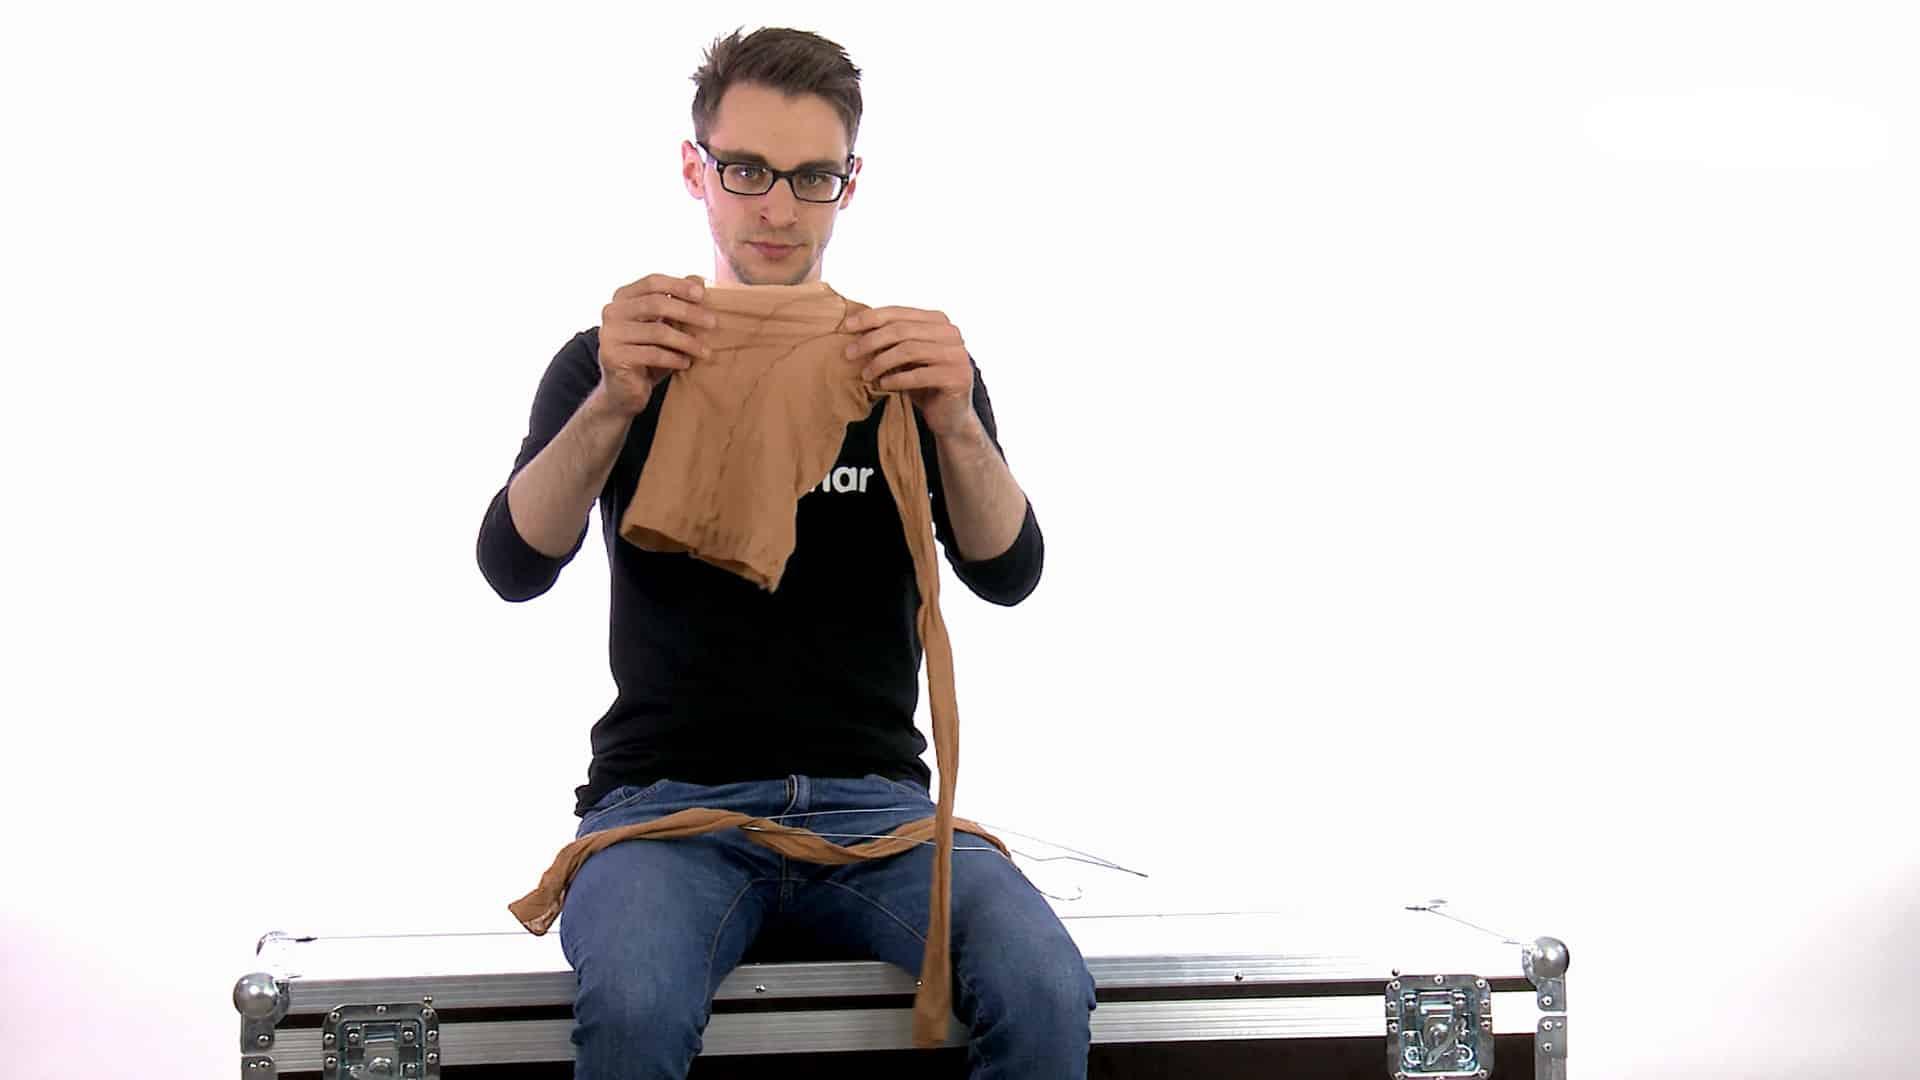 Popschutz Selber Bauen Das Diy Für Deinen Ploppschutz Delamar